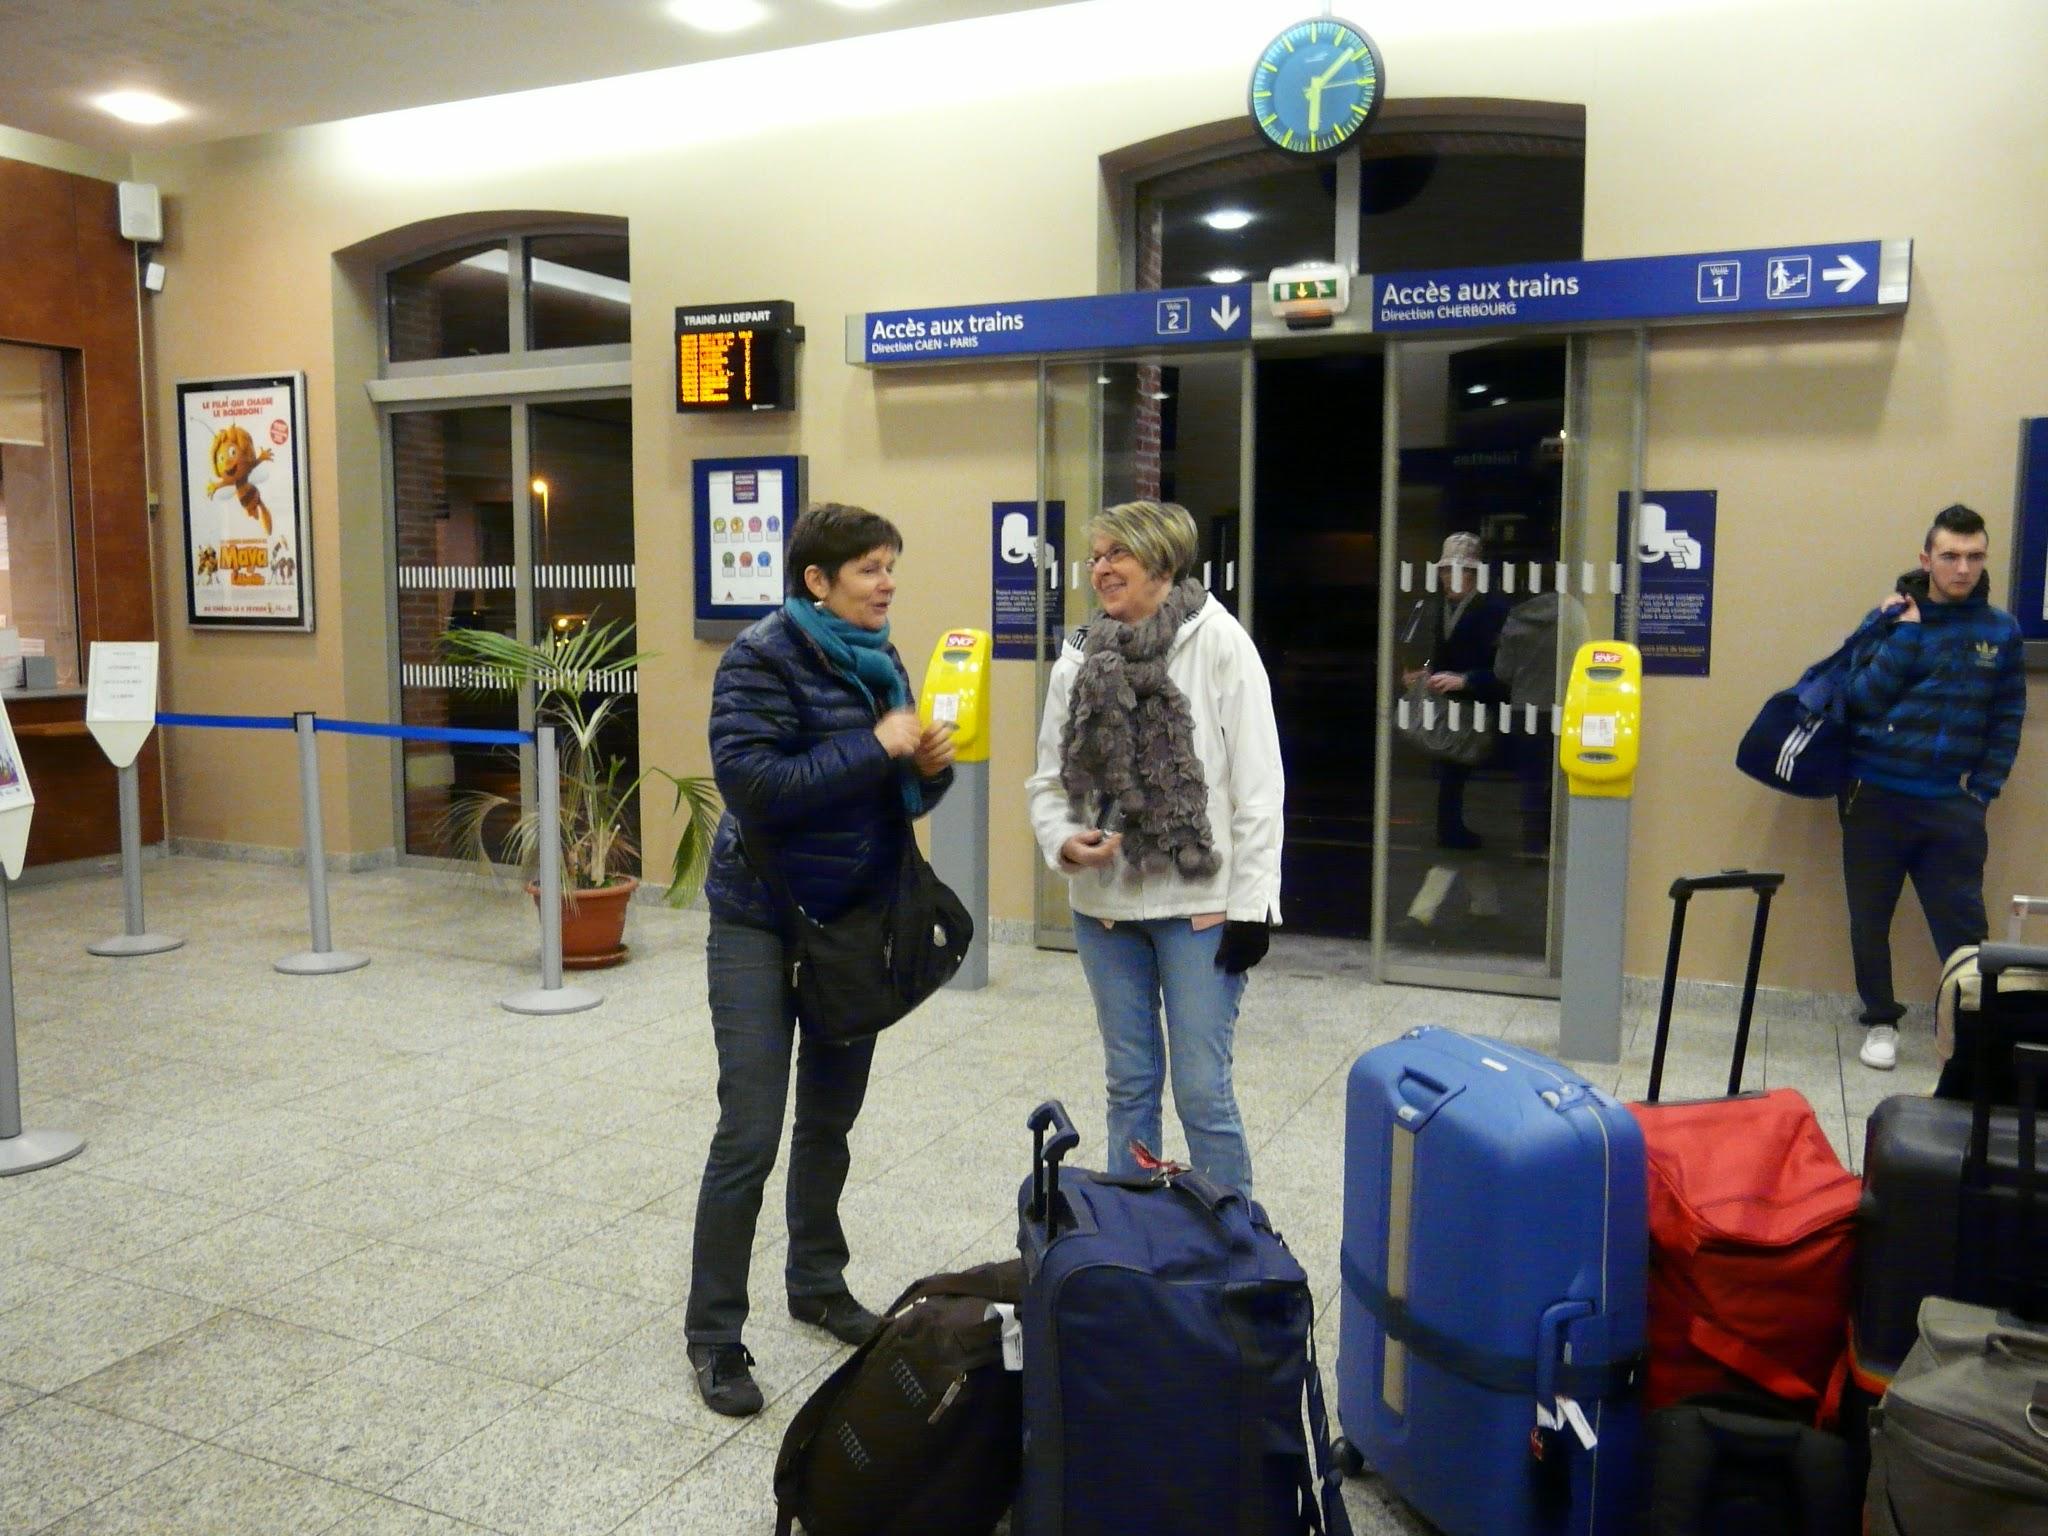 Photo: Vendredi 30 janvier 2015, départ matinal à la gare de Carentan...